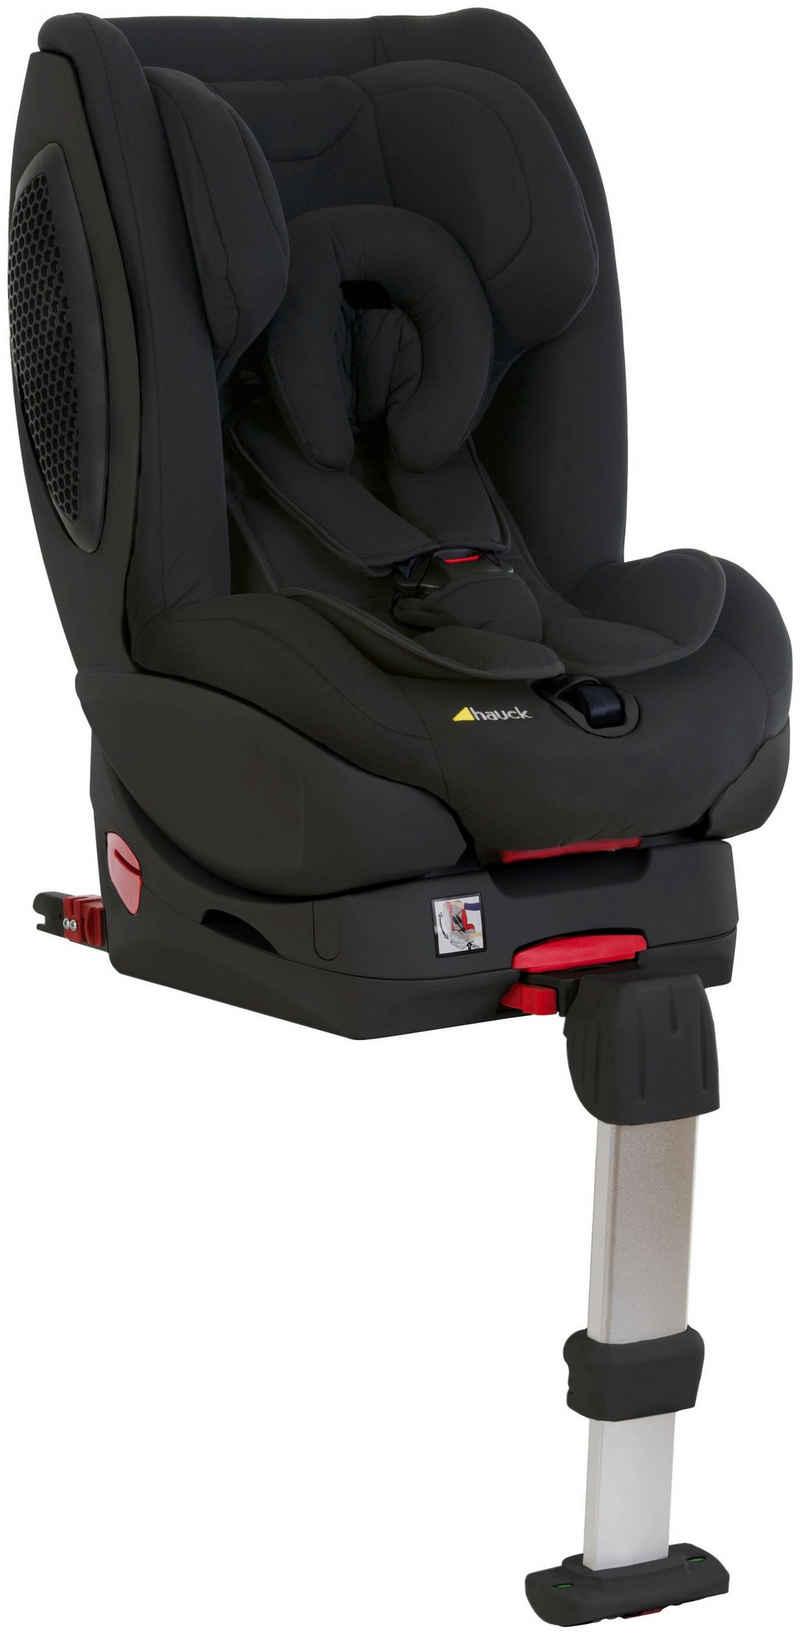 Hauck Autokindersitz »Varioguard Plus«, 15 kg, verstellbare Kopfstütze und Rückenlehne